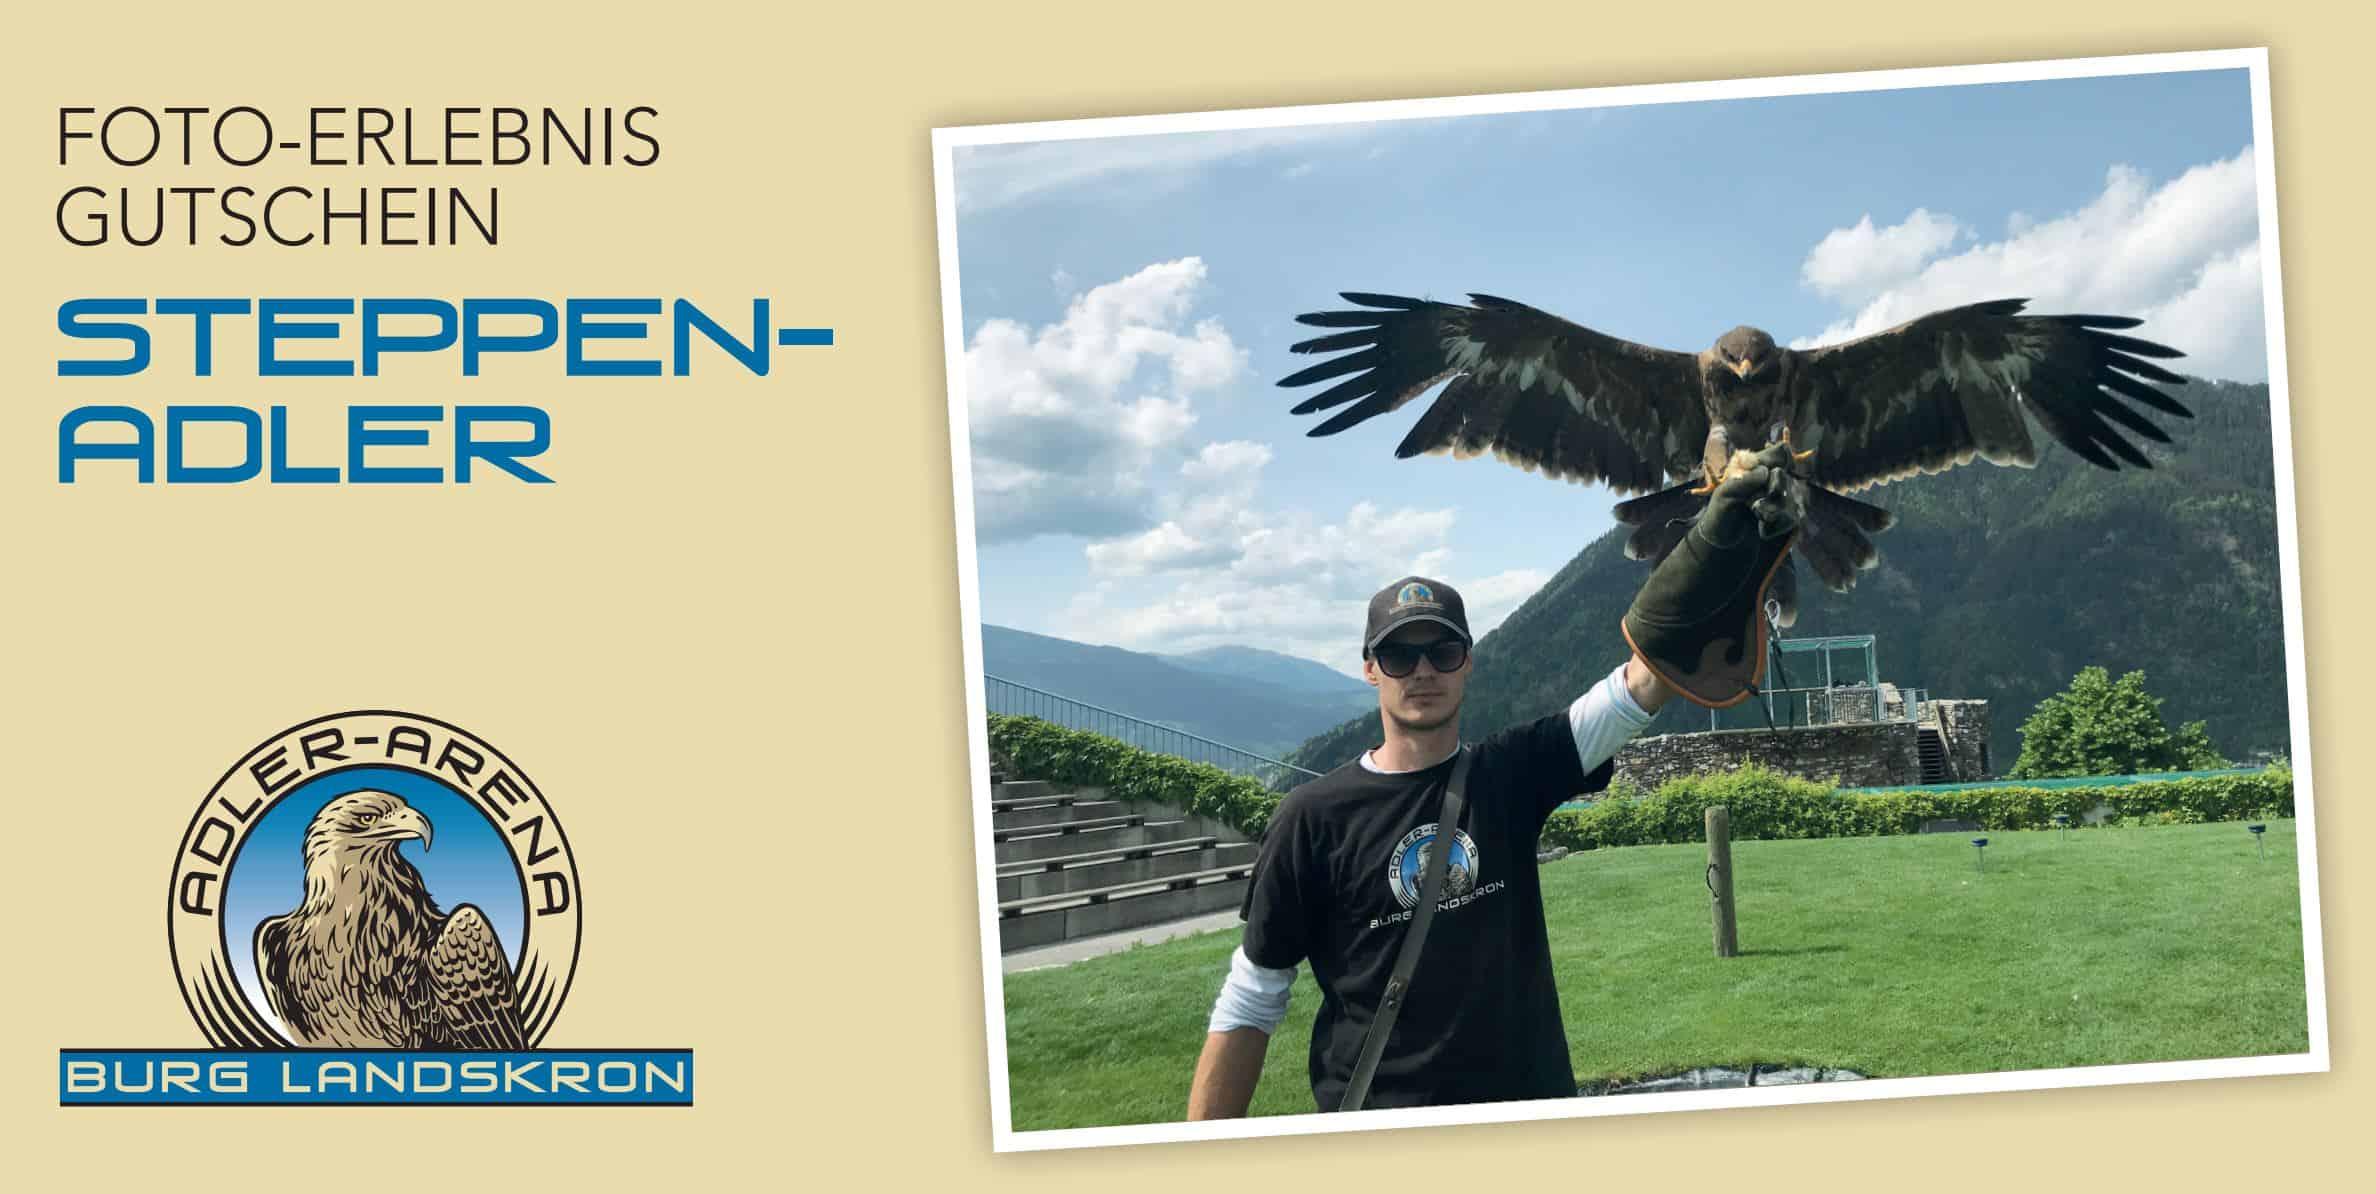 Gutschein für Foto mit Steppenadler auf Adlerarena Burg Landskron in Kärnten als Geschenksidee für Urlaub in Österreich